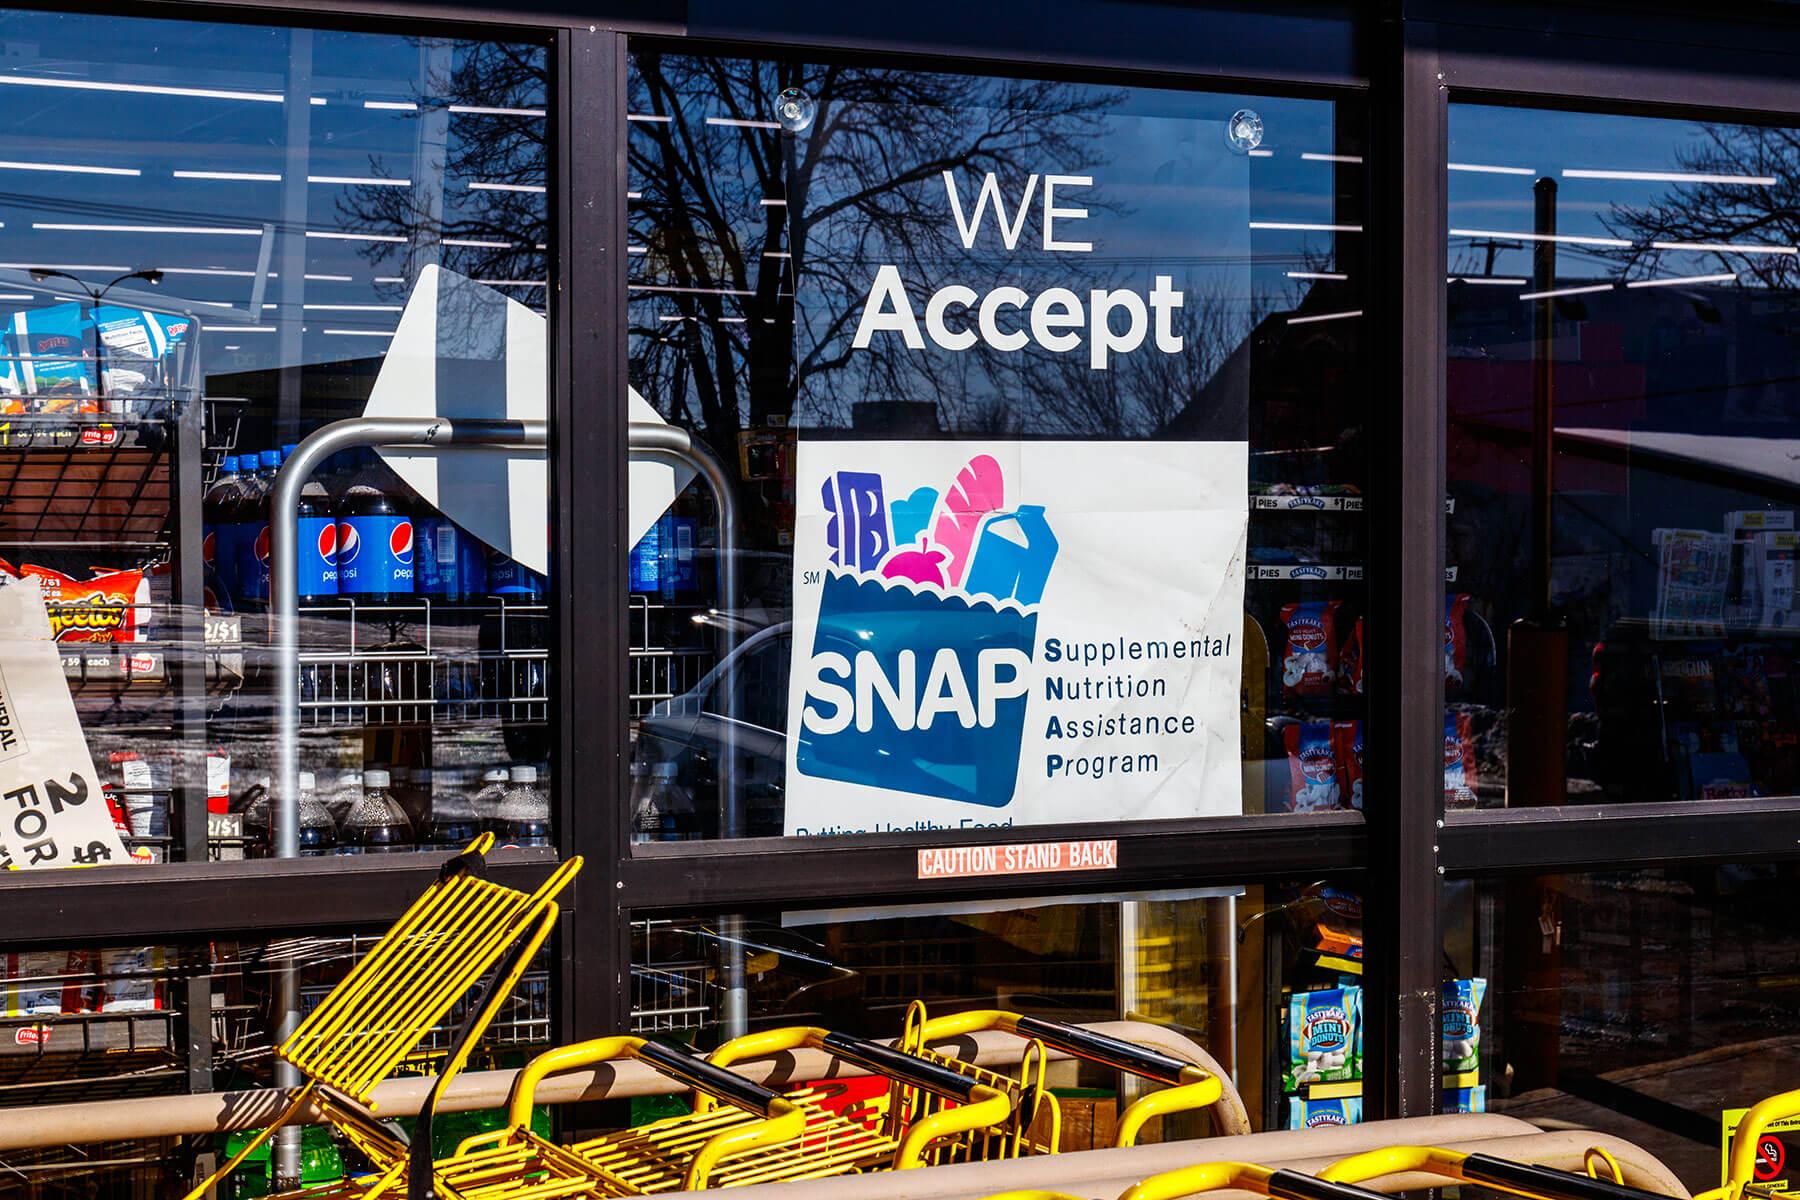 Программа дополнительного питания SNAP в США